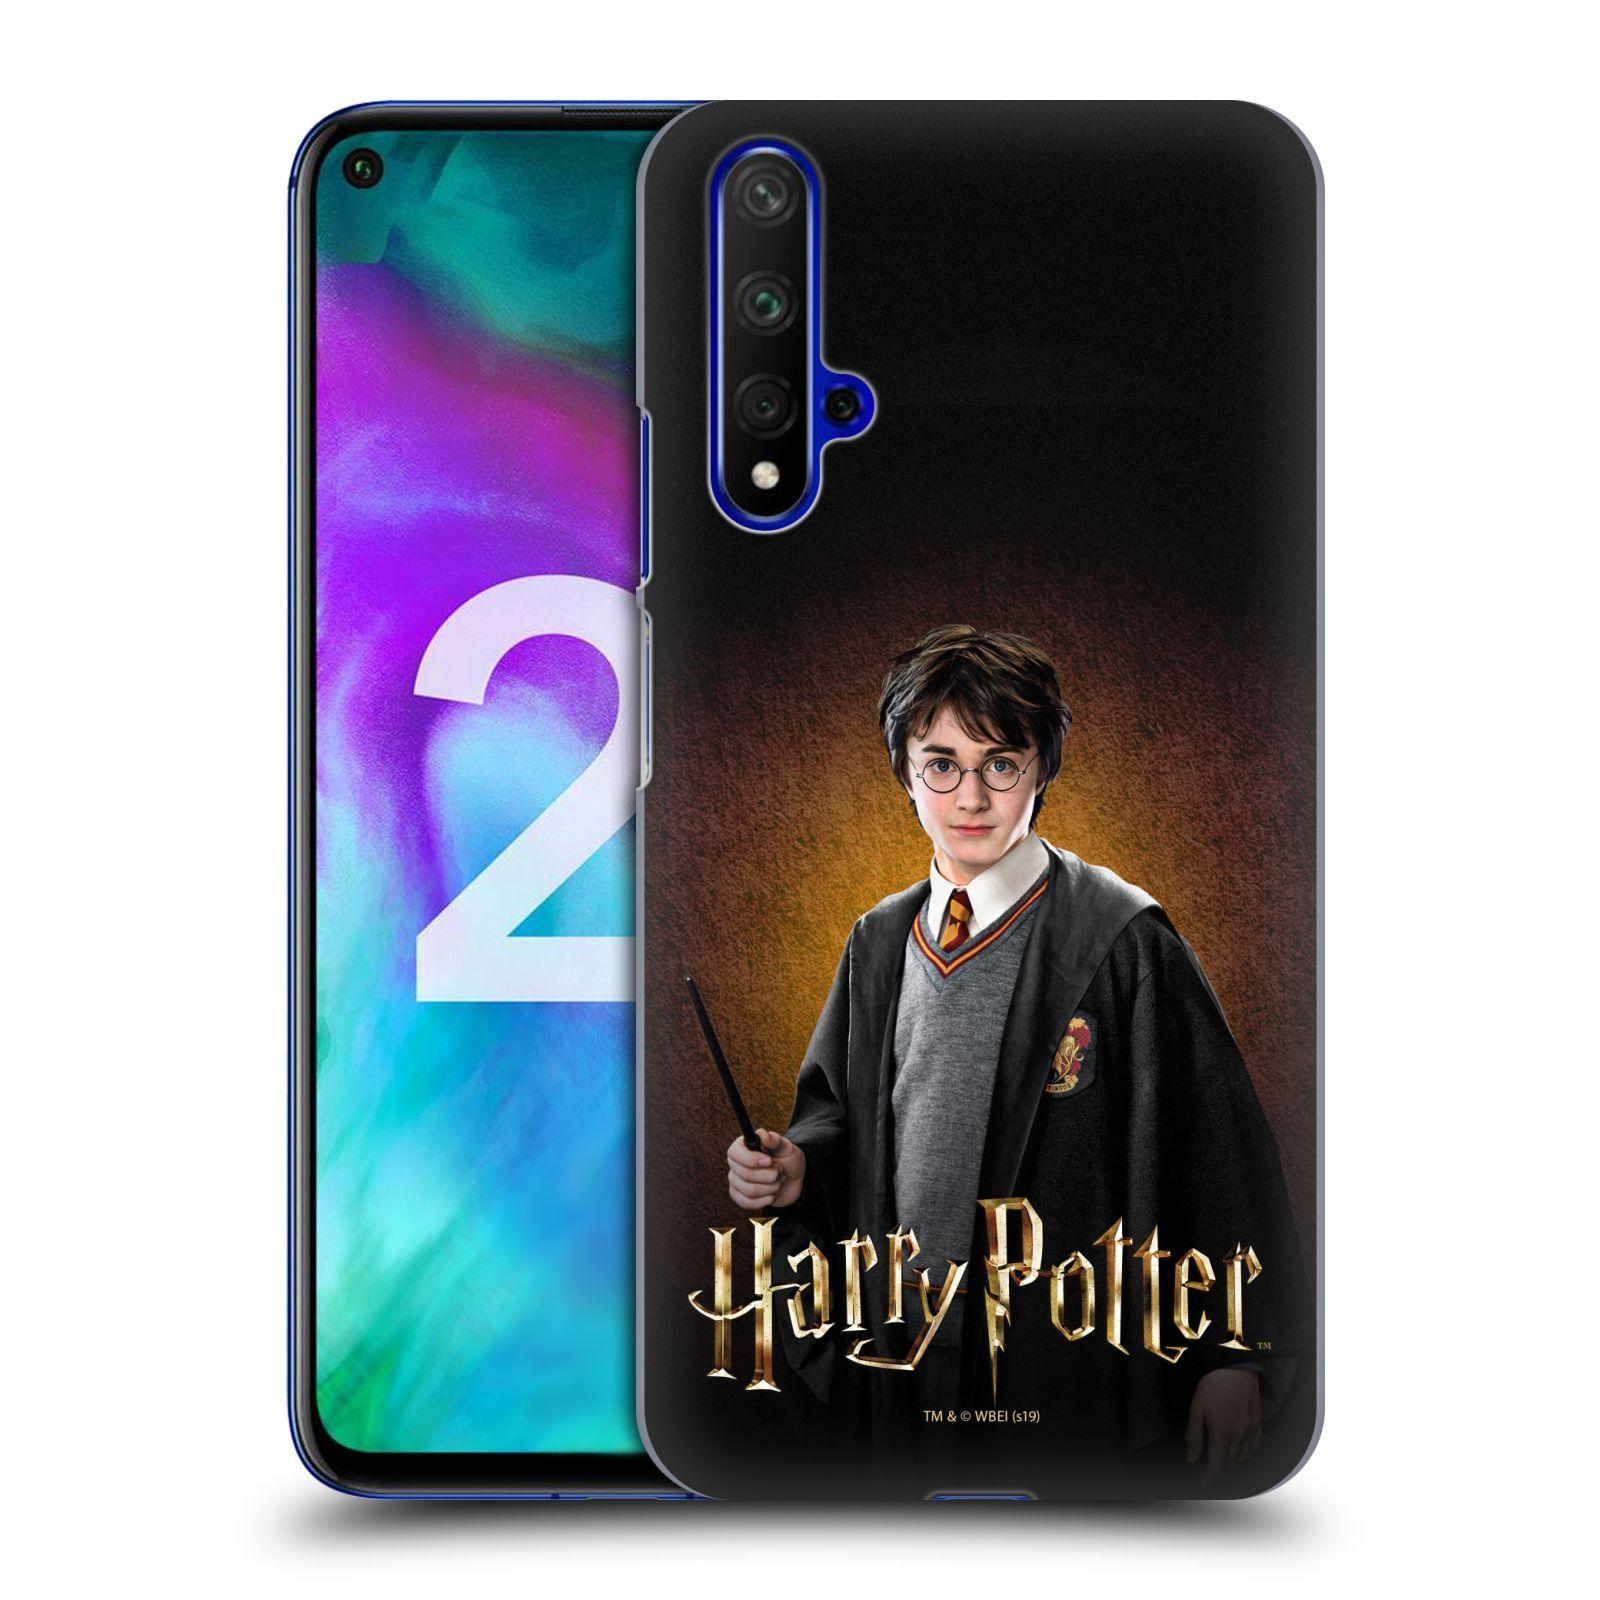 Plastové pouzdro na mobil Honor 20 - Harry Potter - Malý Harry Potter